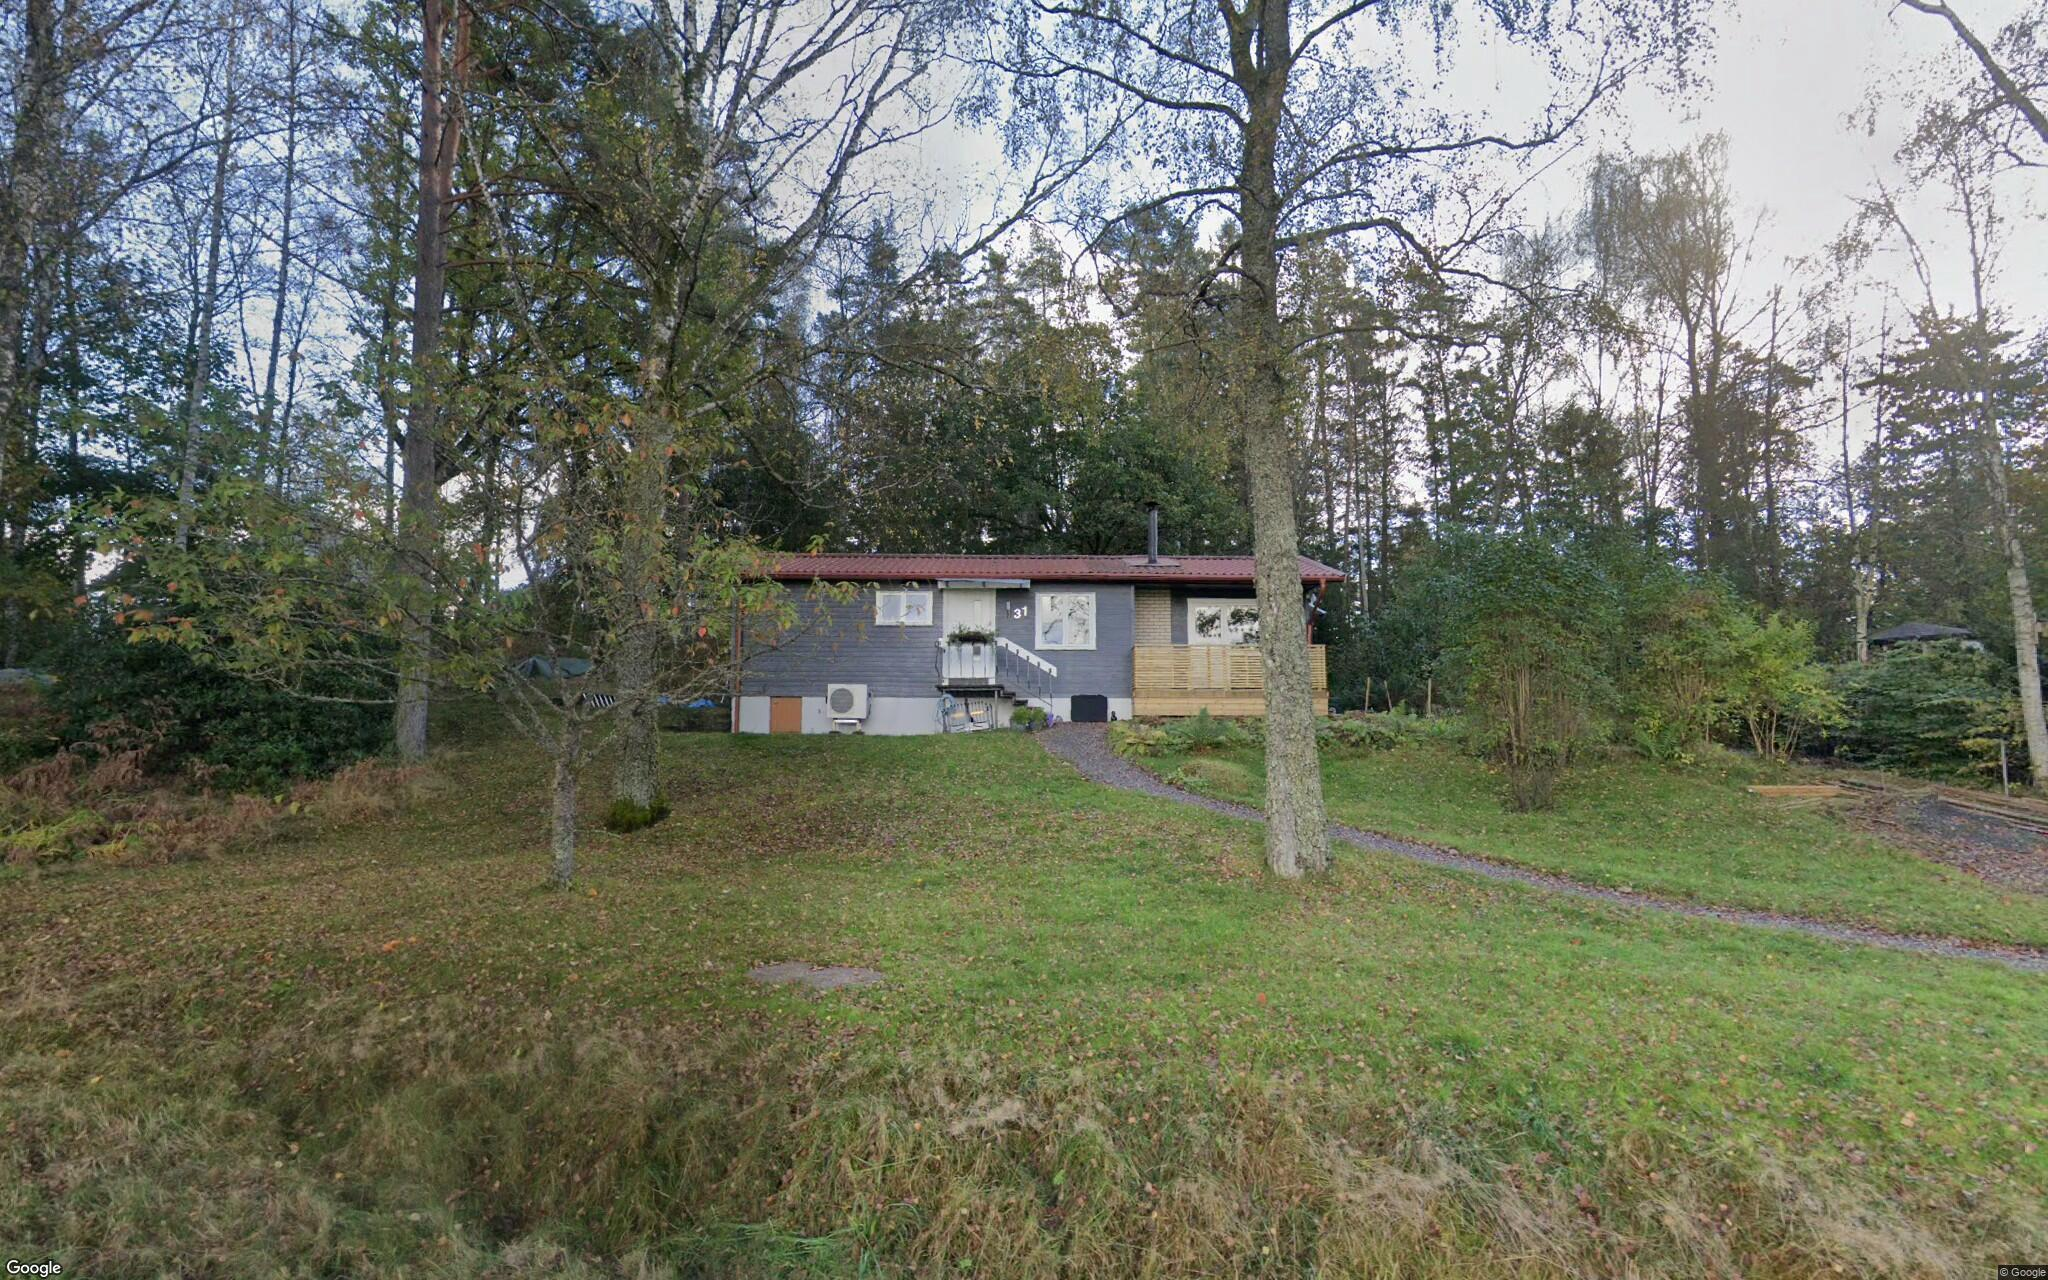 Huset på Furubergsvägen 31 i Hällingsjö sålt för andra gången på kort tid